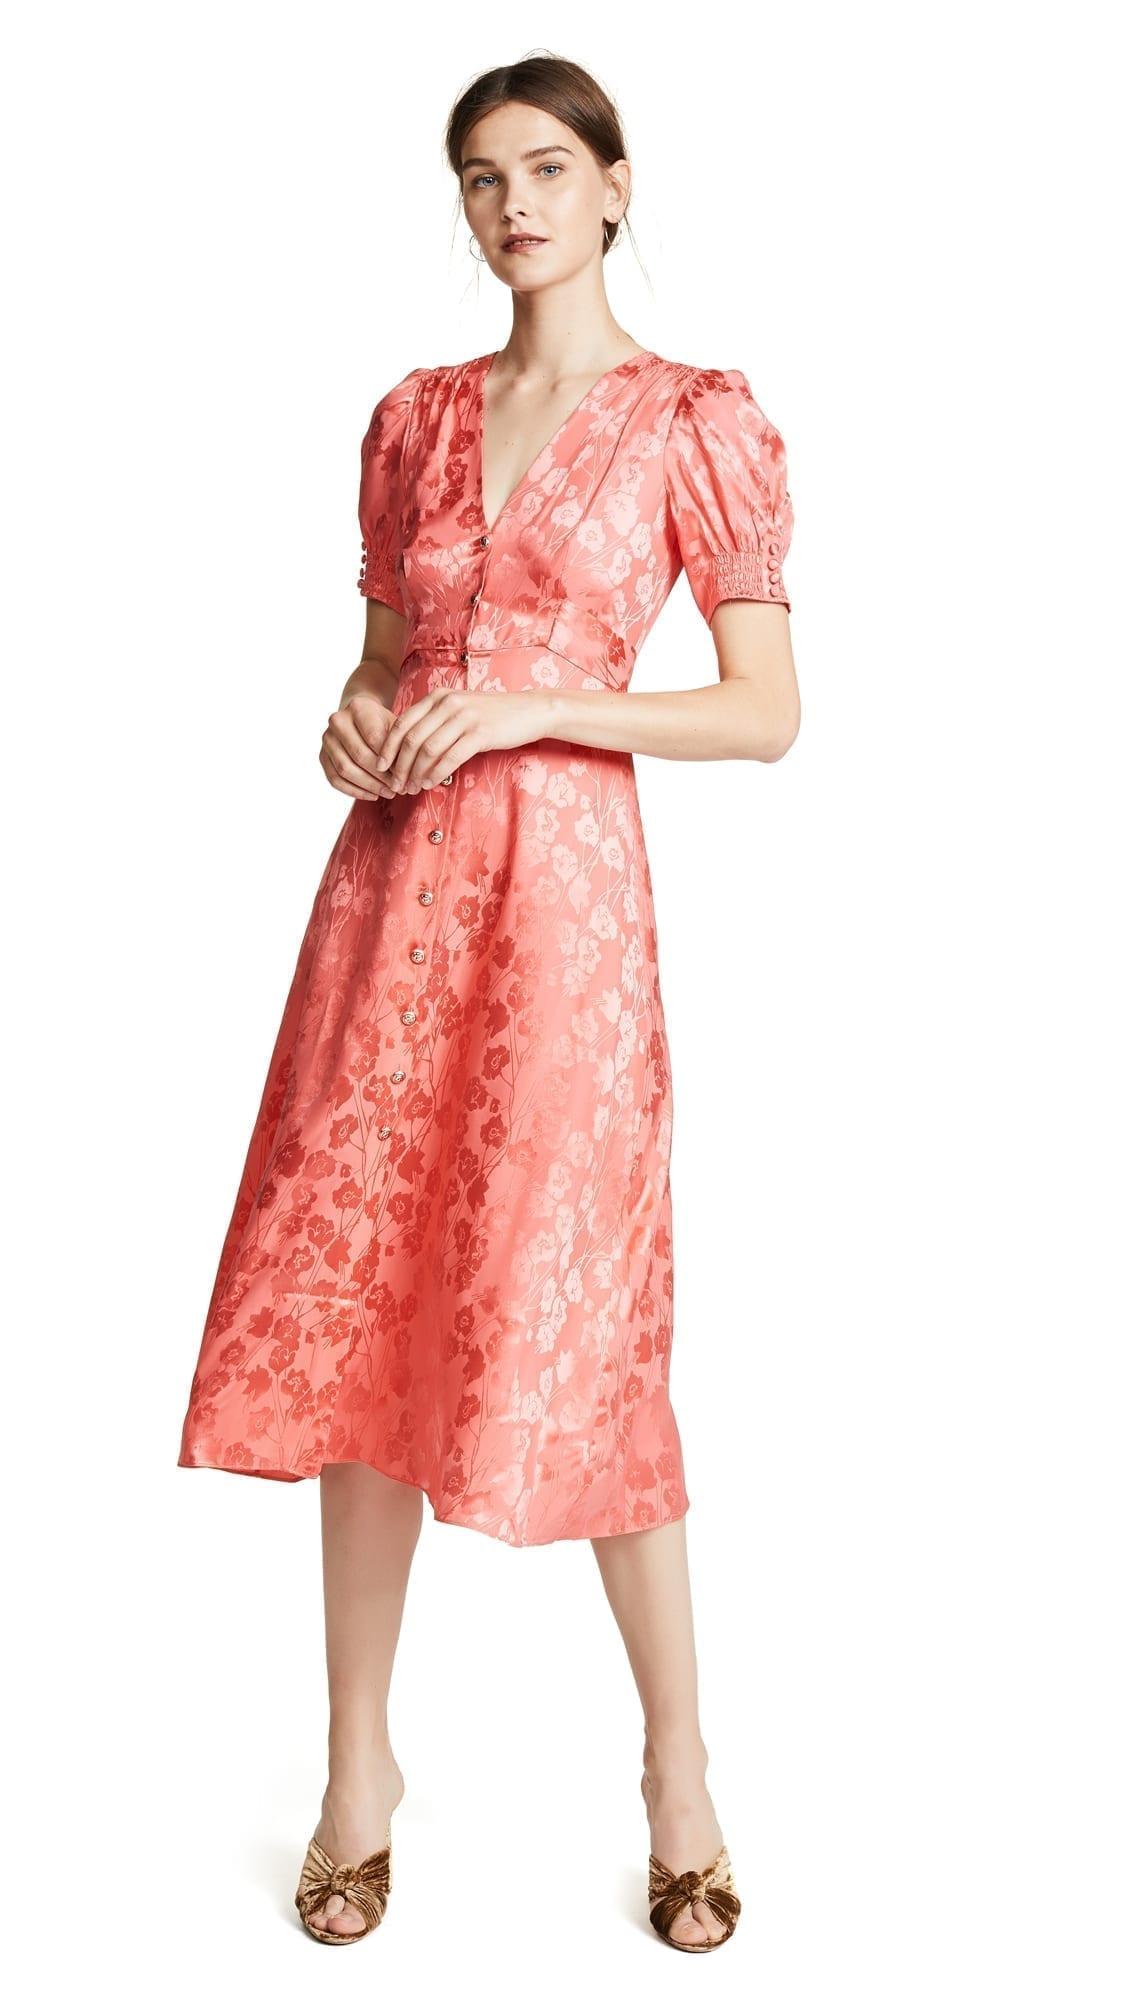 SALONI Lea Bright Coral Dress